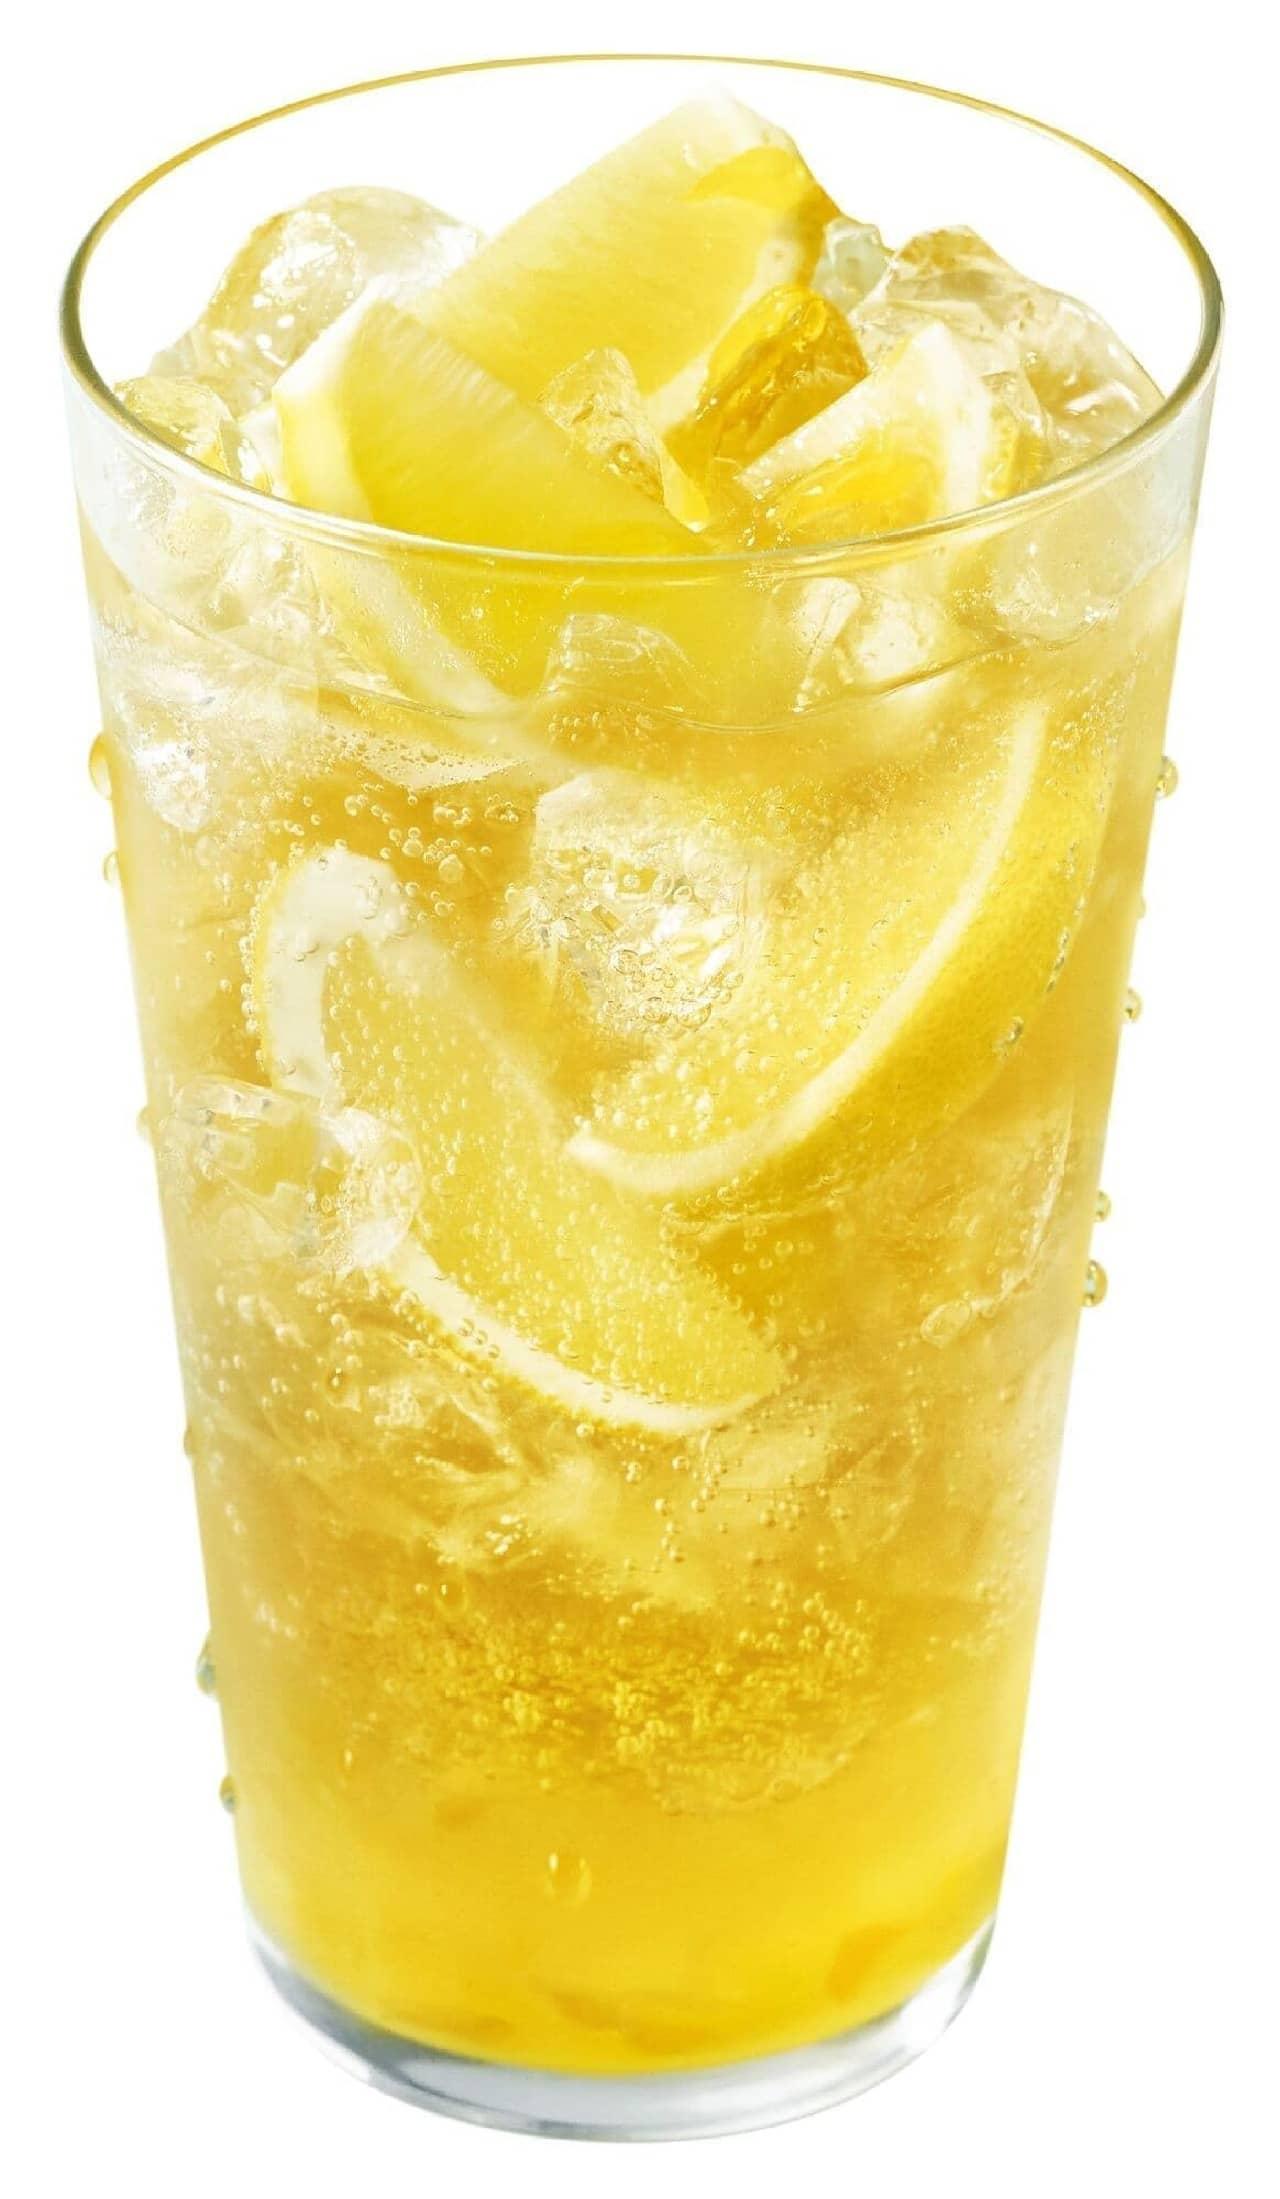 モスバーガー「まるごと!レモンのジンジャーエールwith甘夏ソース <熊本県産甘夏果汁0.5%使用>」